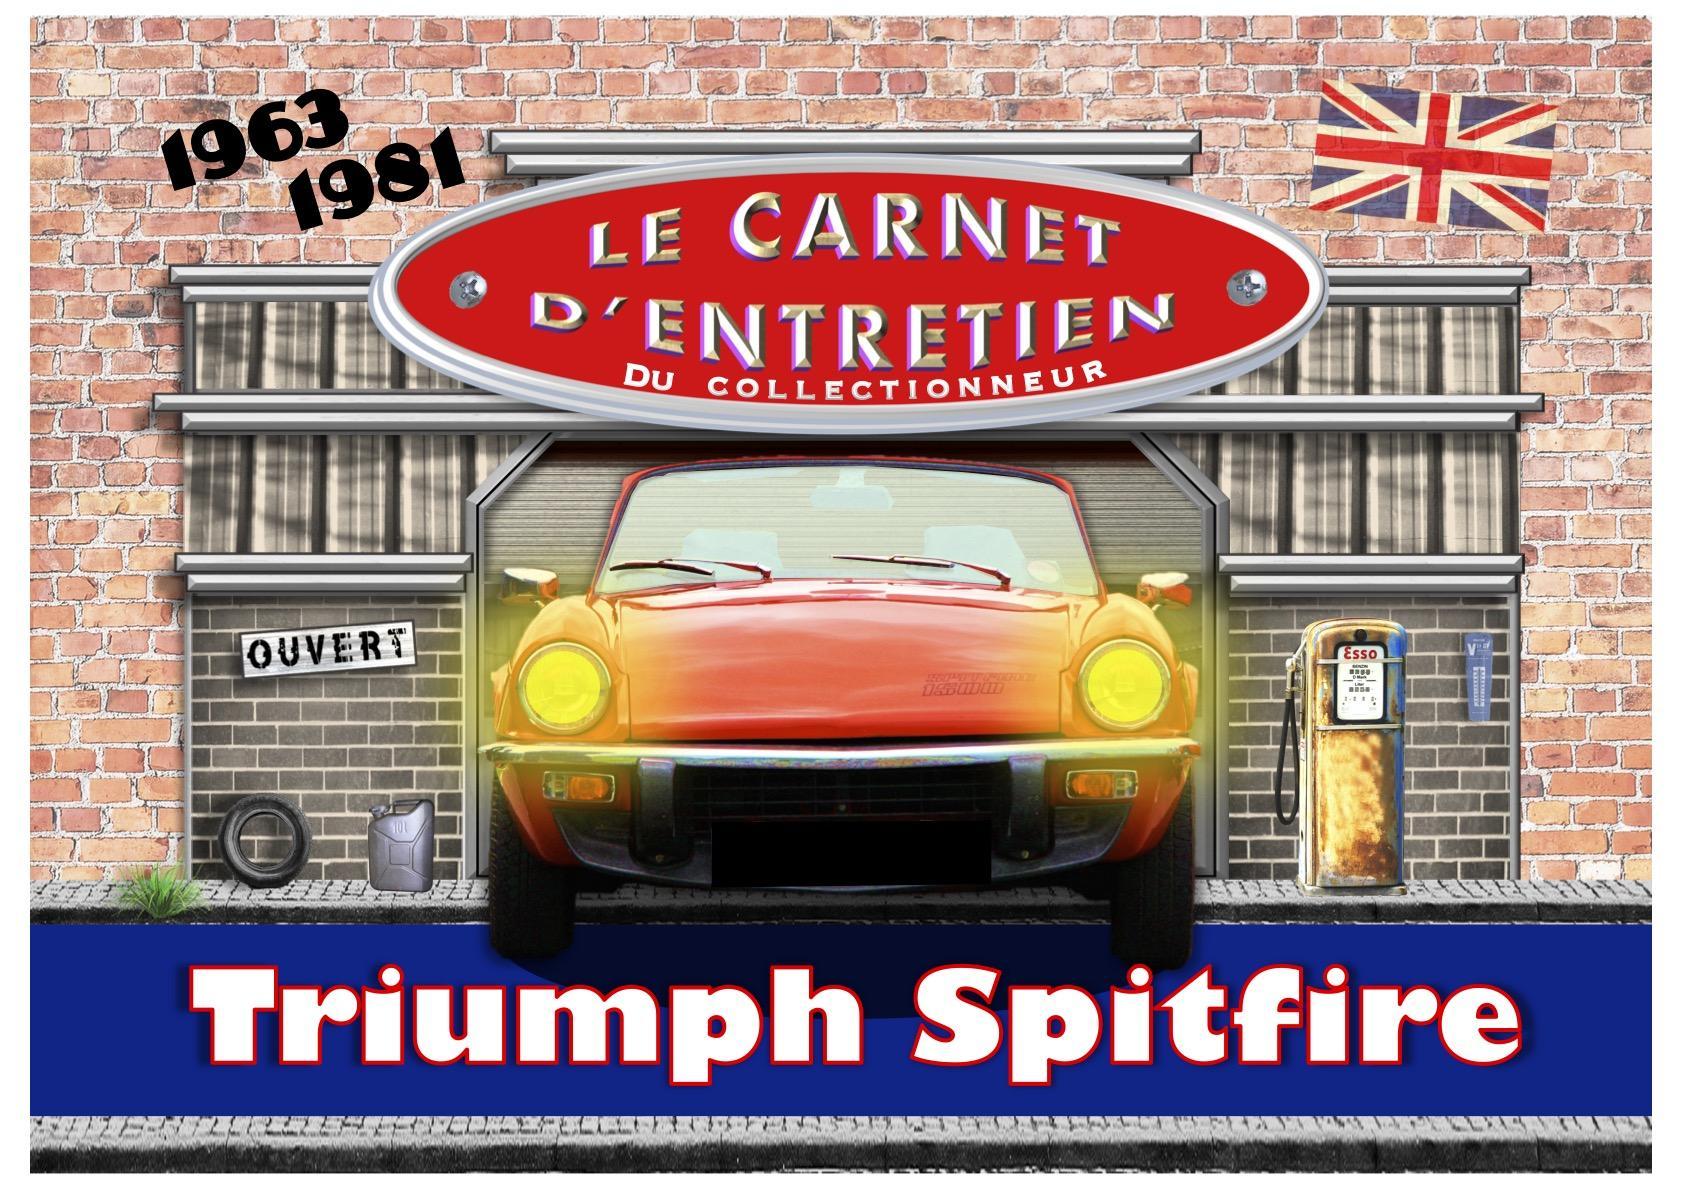 Carnet d'entretien triumph spitfire